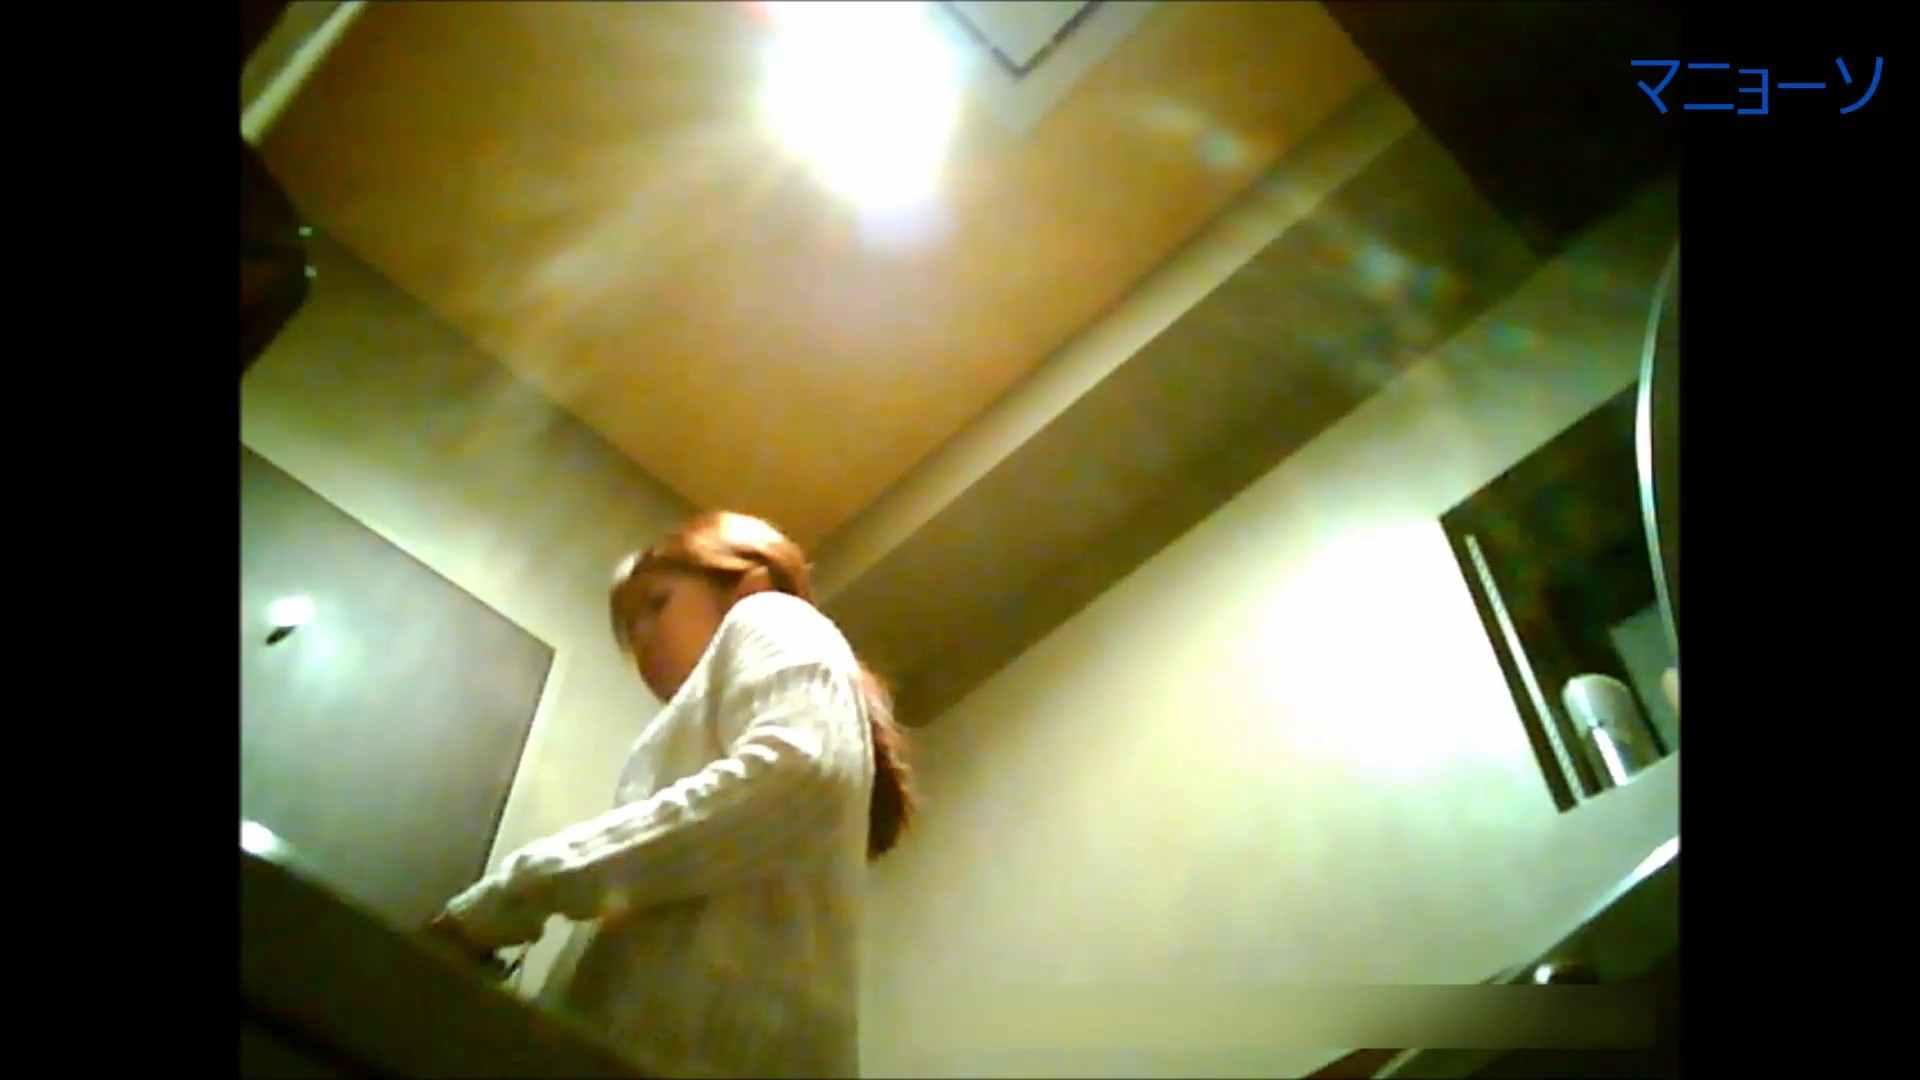 トイレでひと肌脱いでもらいました (JD編)Vol.02 トイレ中の女子達  106連発 26